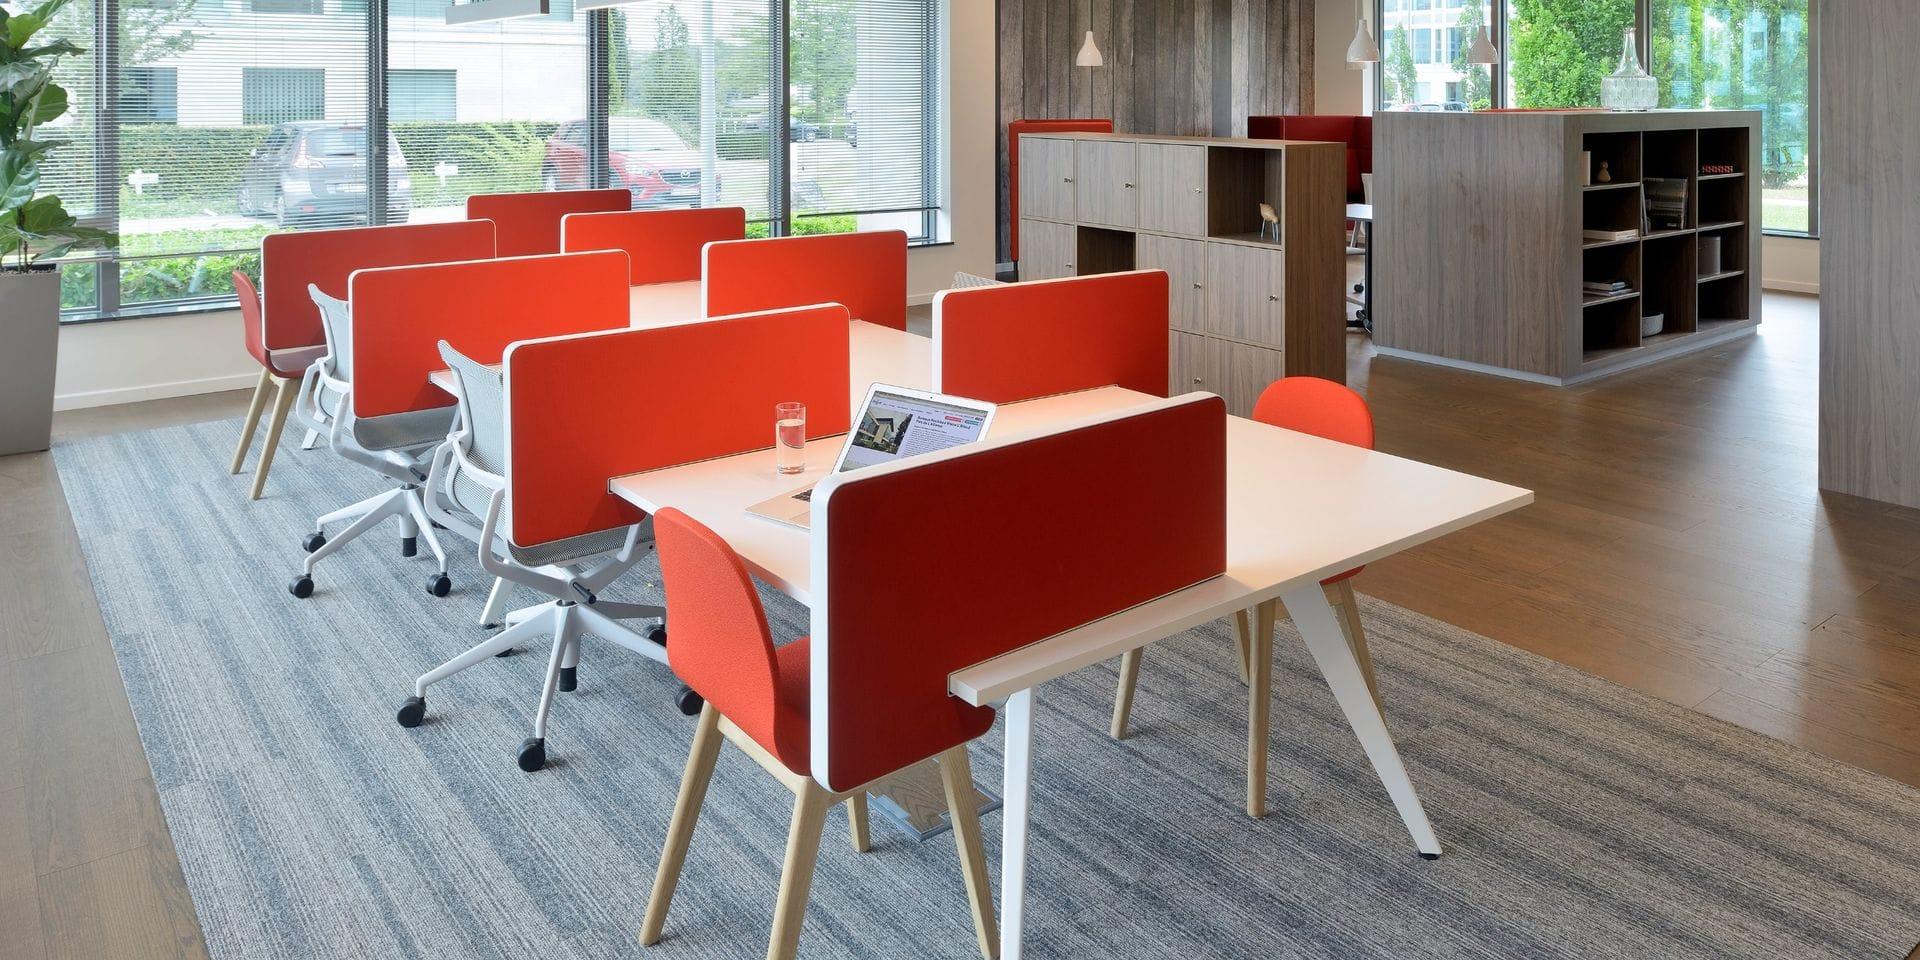 Les espaces de coworking de Regus à Braine-l'Alleud et Waterloo mis à disposition des étudiants